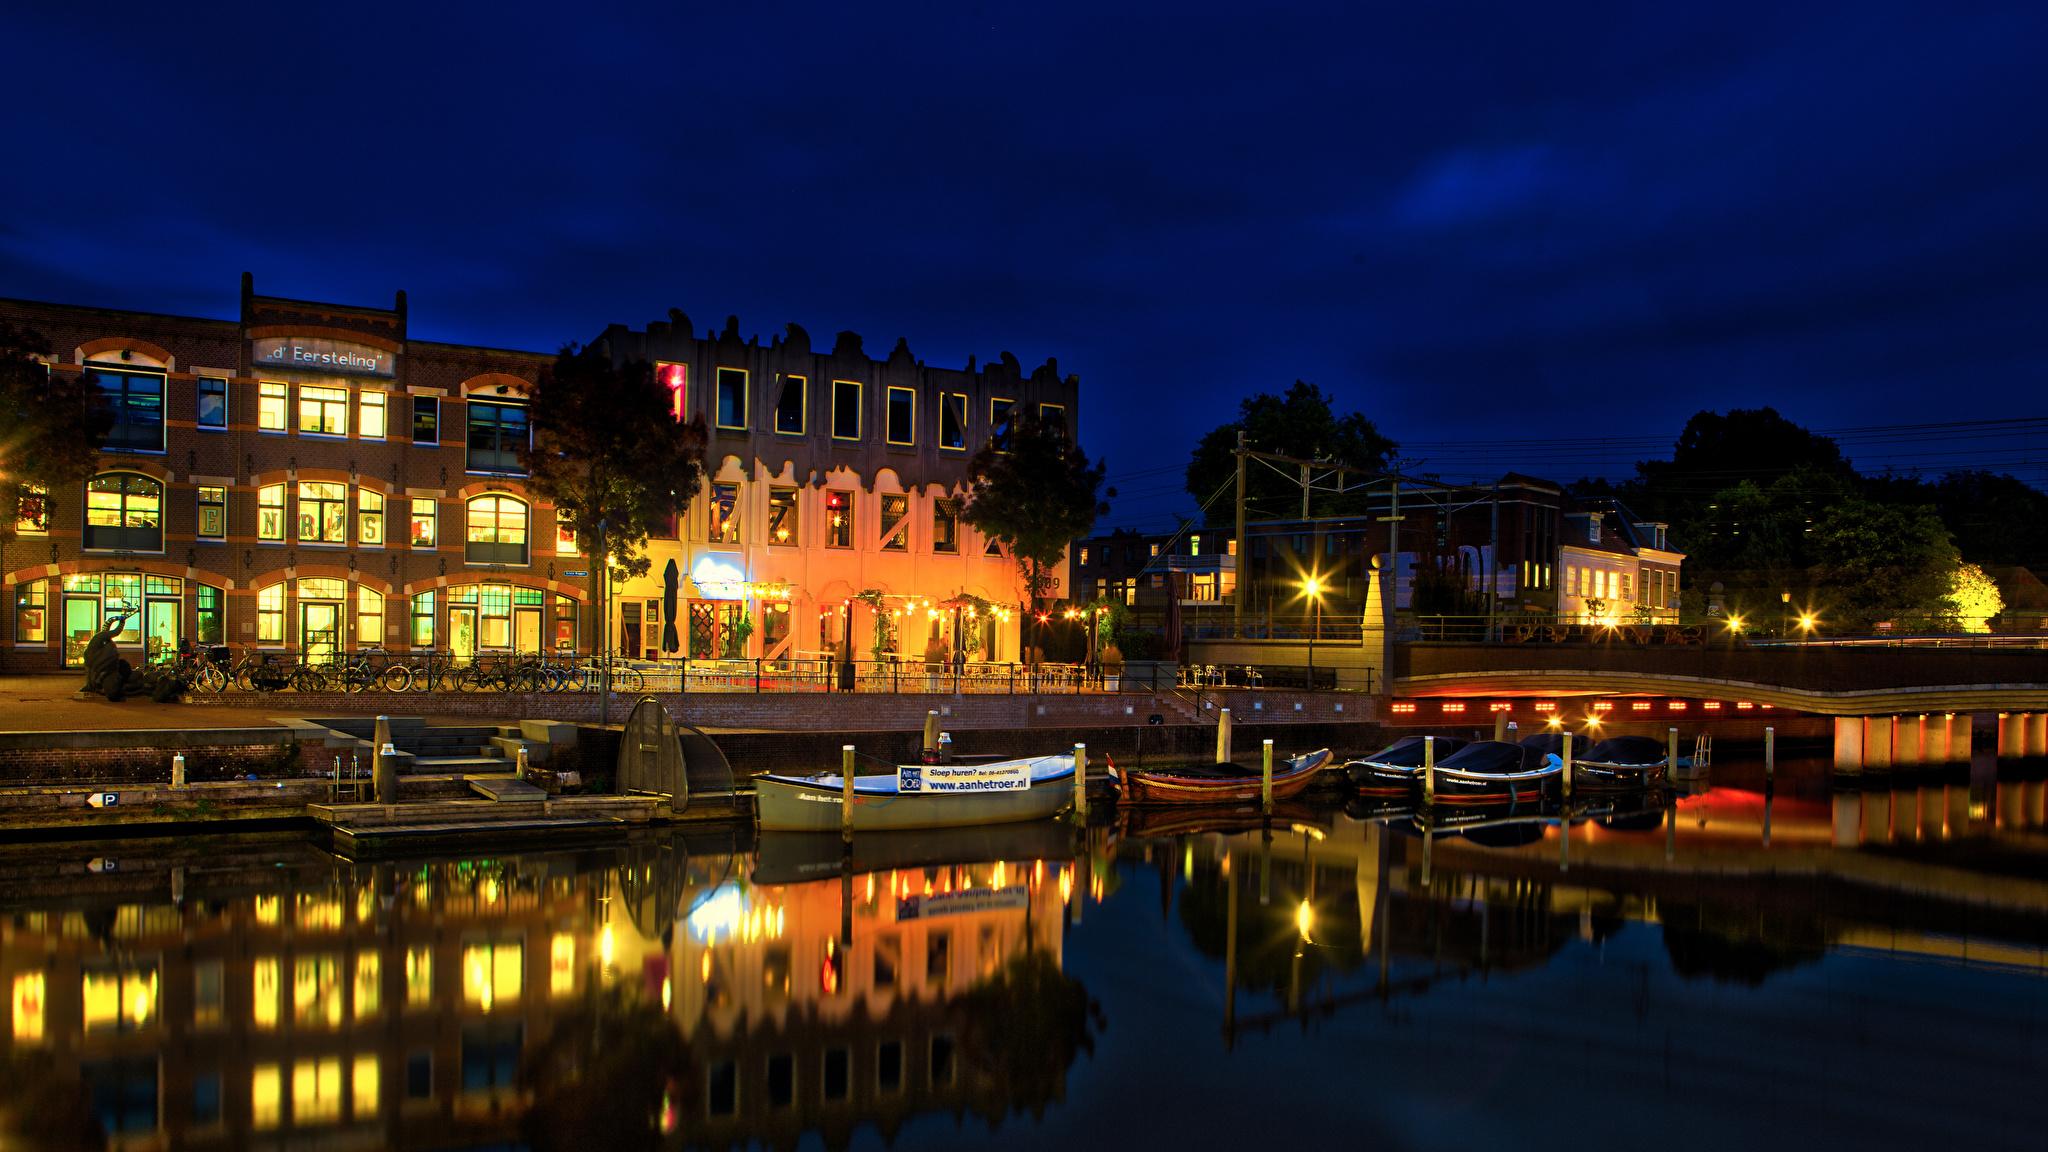 Фото Нидерланды Amersfoort canals Водный канал Ночь Лодки Причалы Уличные фонари Дома Города 2048x1152 Пирсы Ночные Пристань Здания